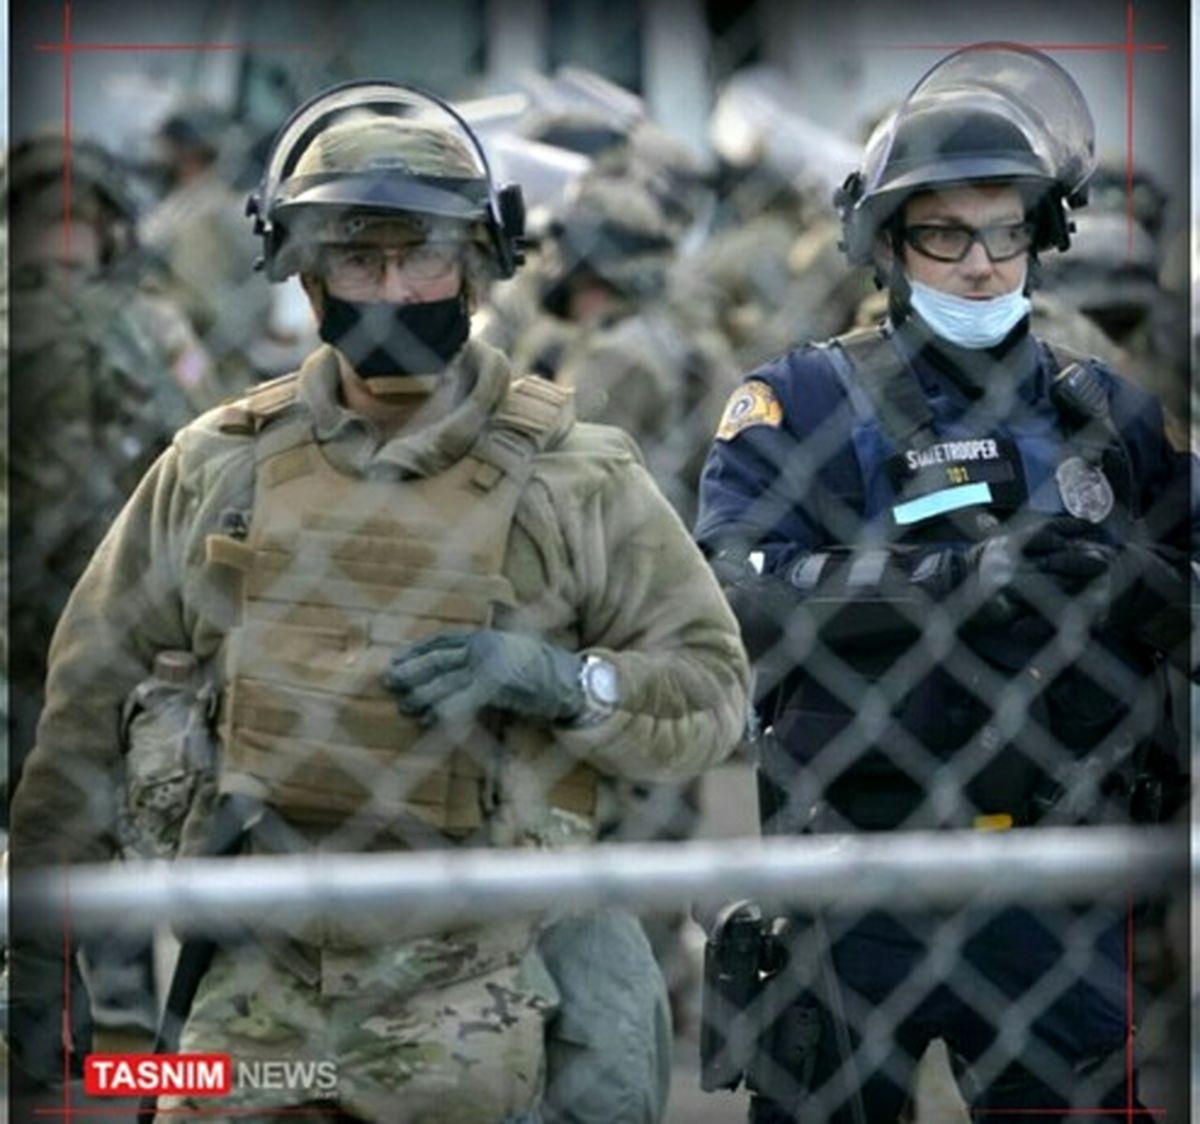 تدابیر امنیتی شدید در مراسم تحلیف «بایدن»